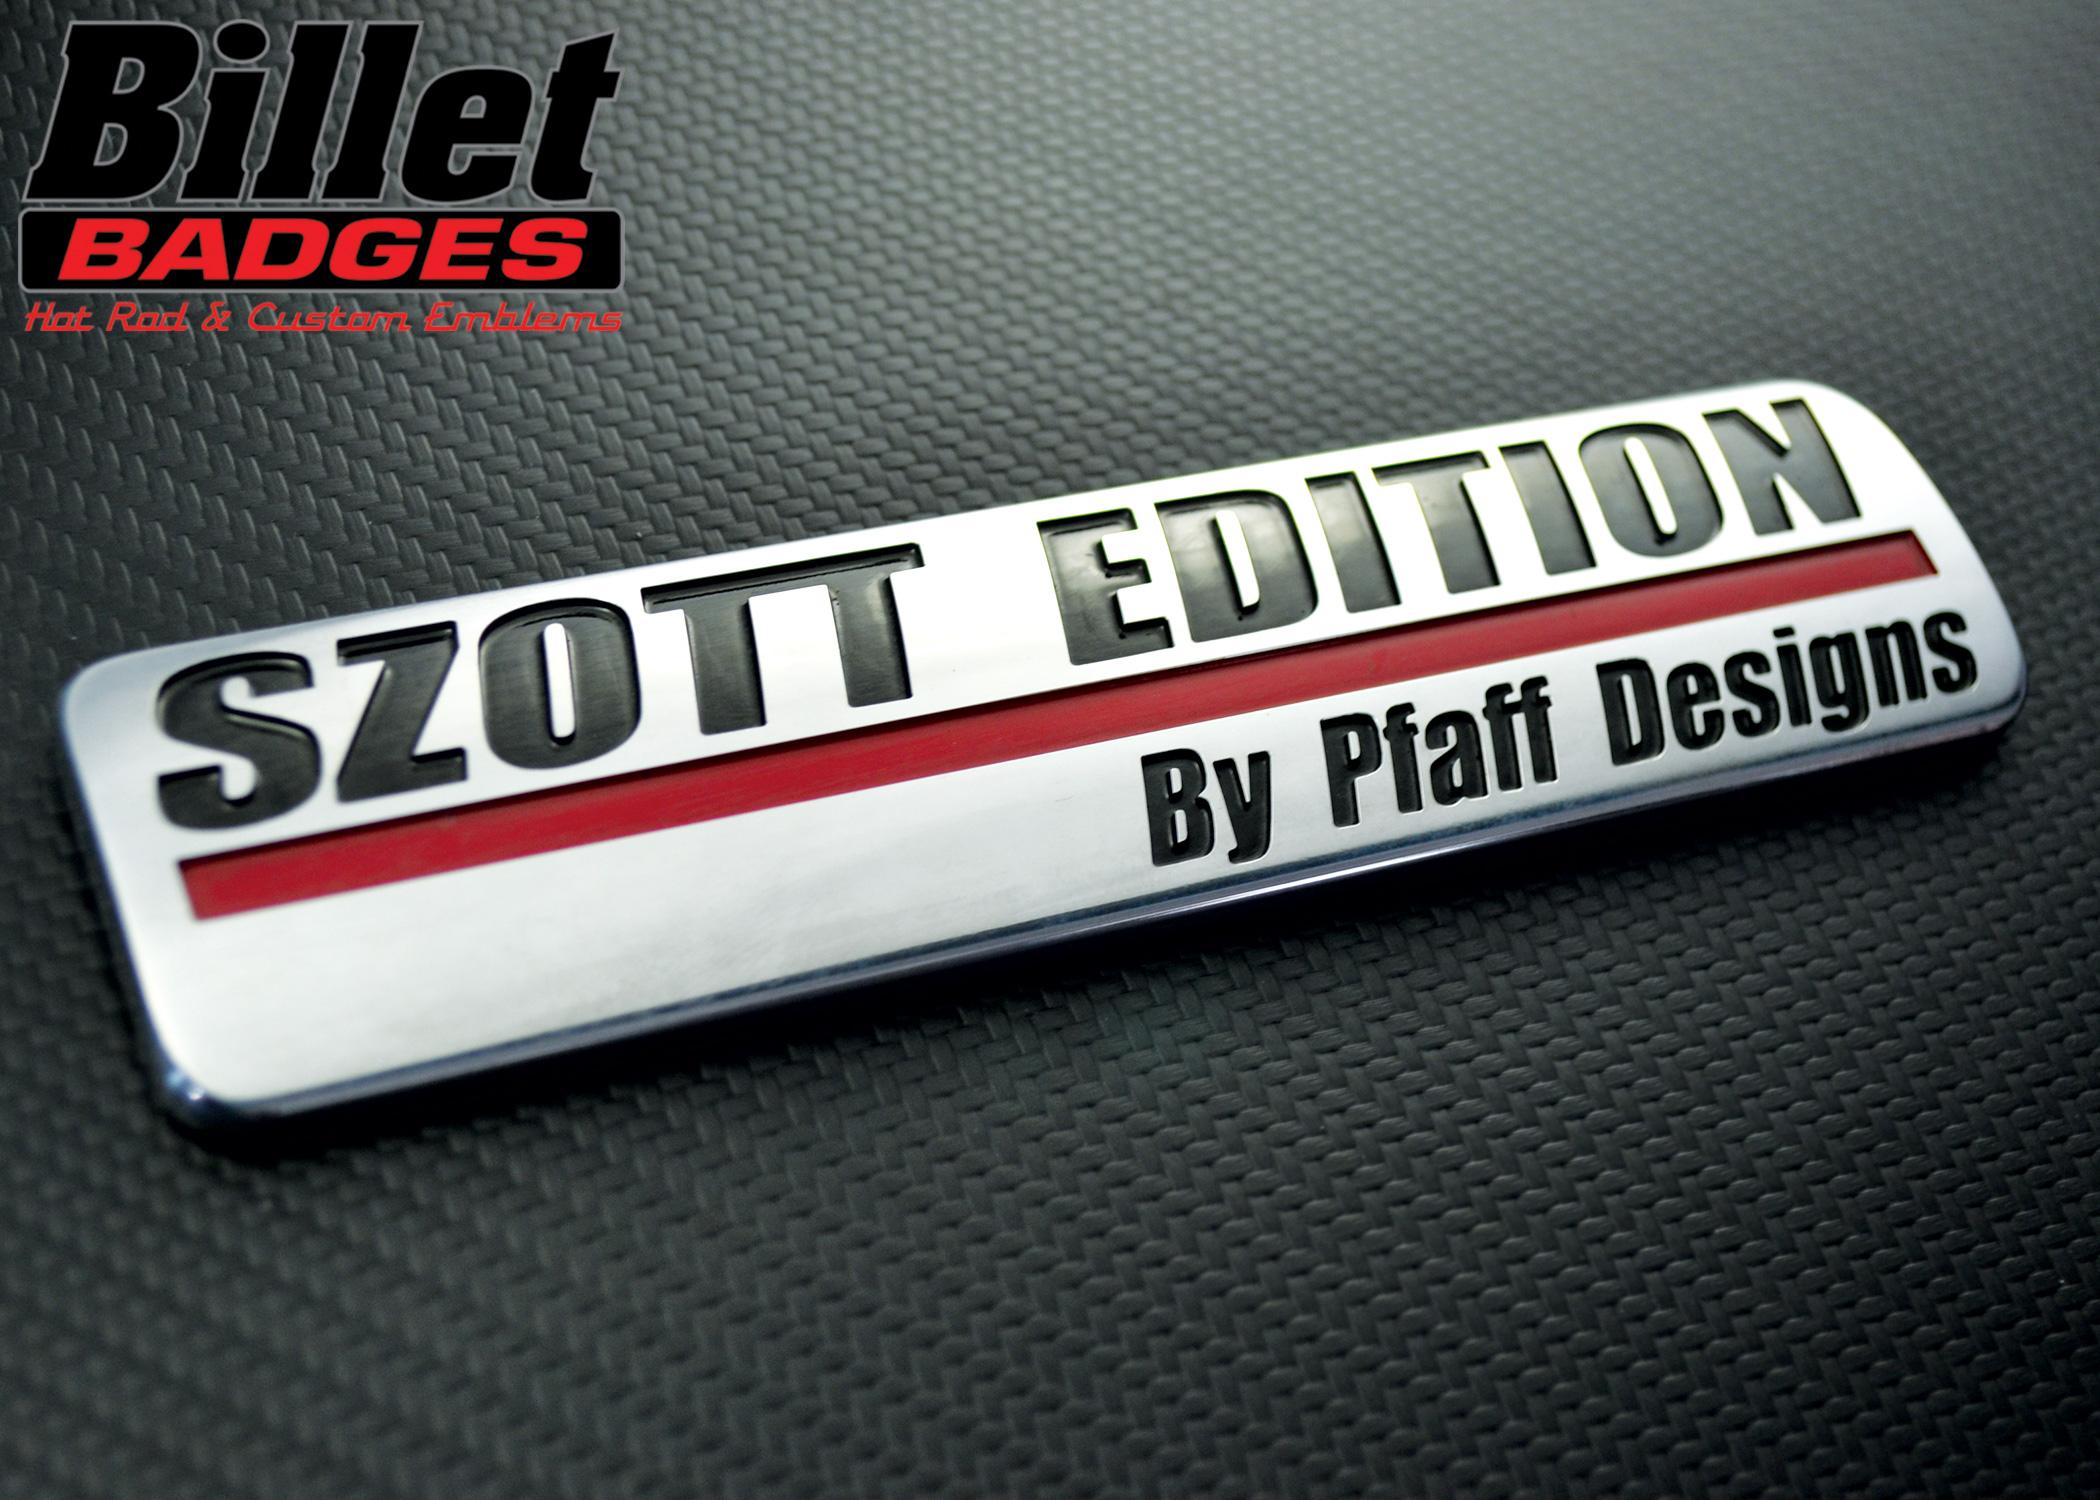 Szott Edition